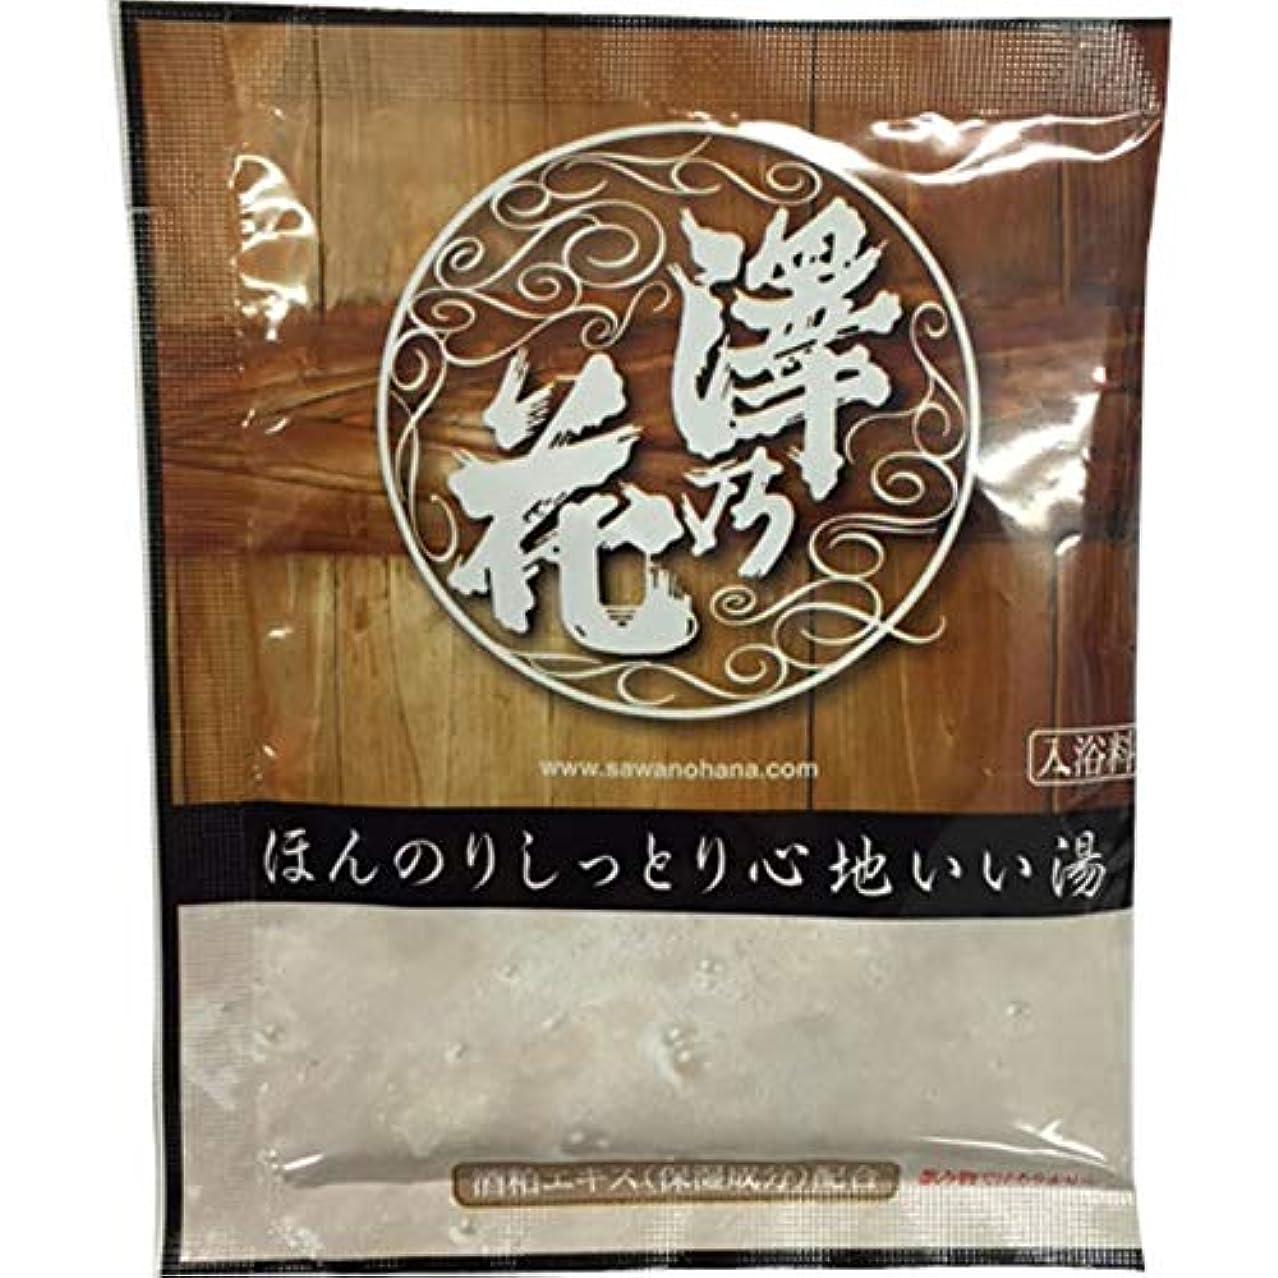 性差別安価な暴露日本生化学 澤乃花 酒粕入浴料 25G